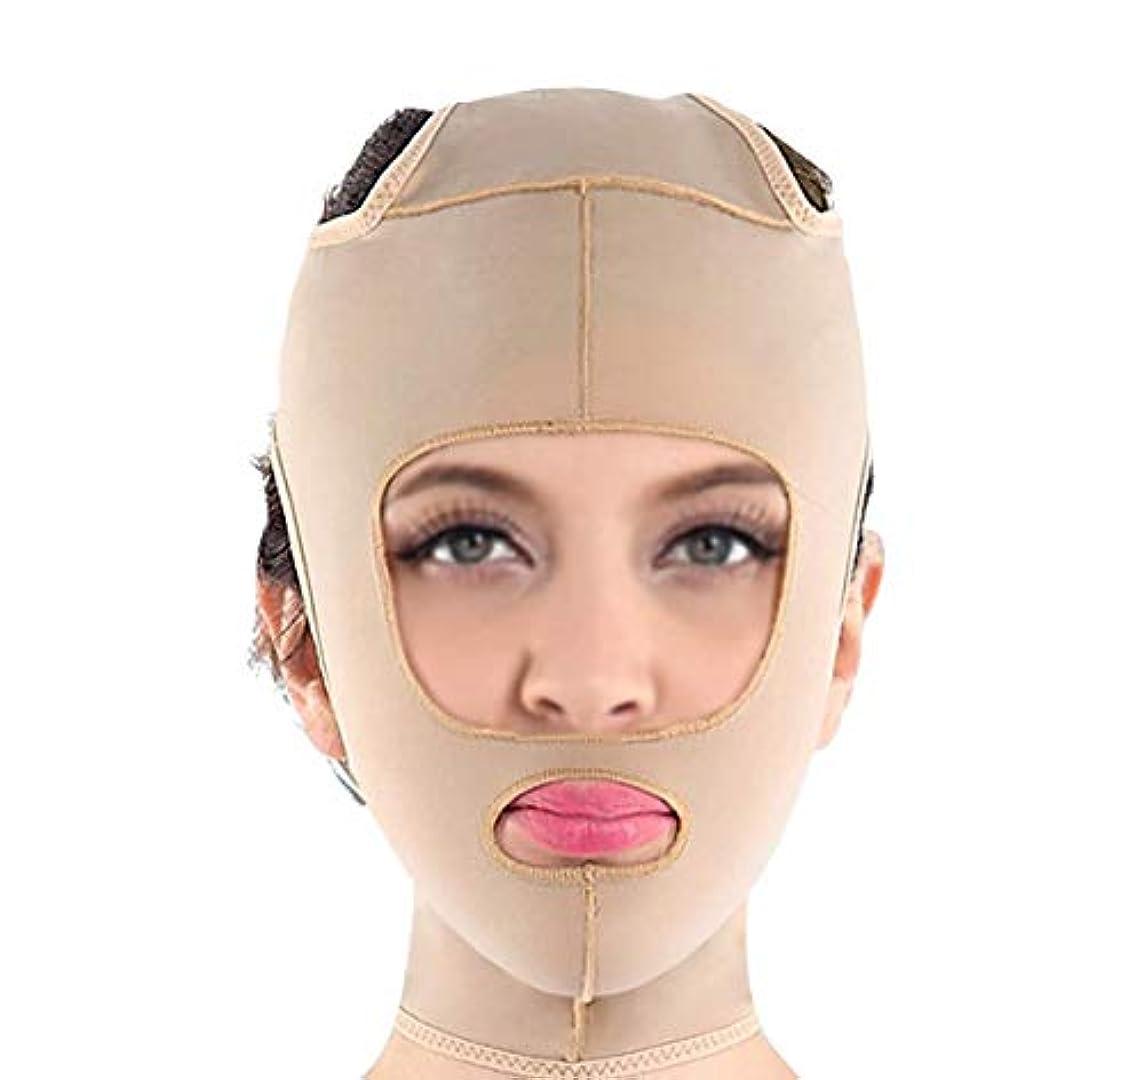 もろい妊娠したパトワフェイスリフティングマスクで肌をしっかりと保ち、顔の筋肉の垂れ下がりや顔の美しい輪郭の整形を防止します(サイズ:Xl),M